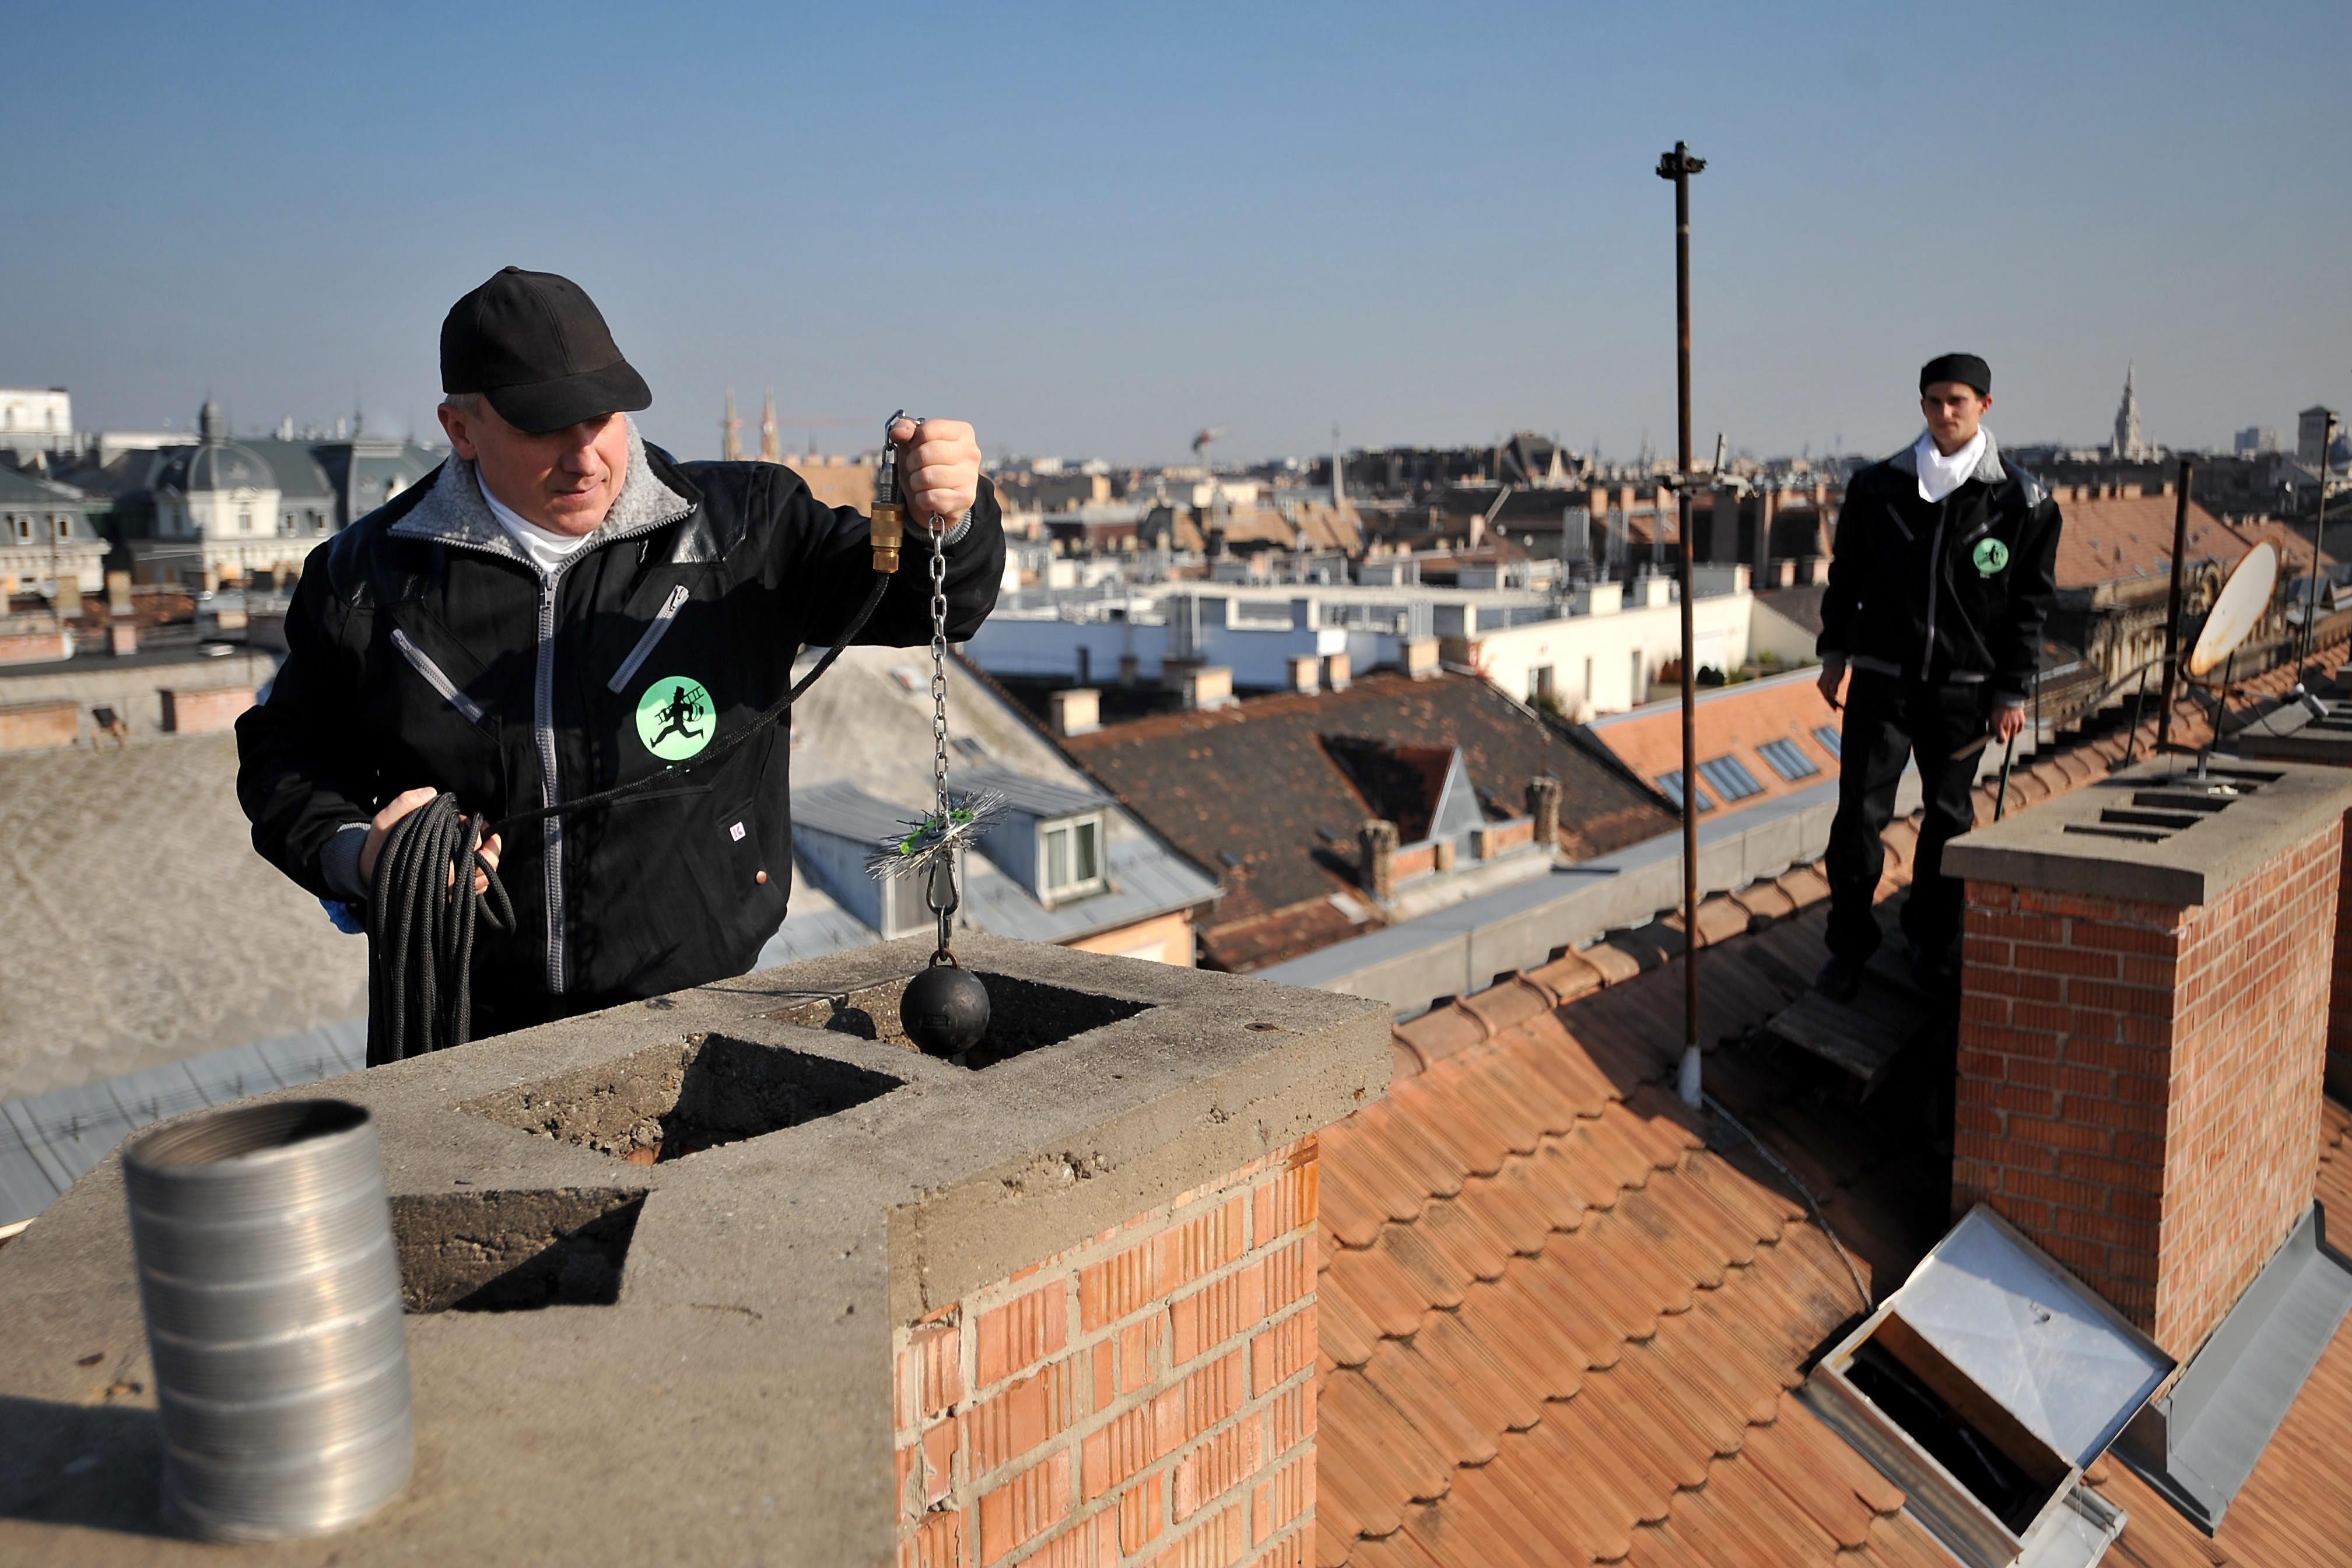 Januártól időpontfoglalásra érkeznek a kéményseprők a családi házakhoz